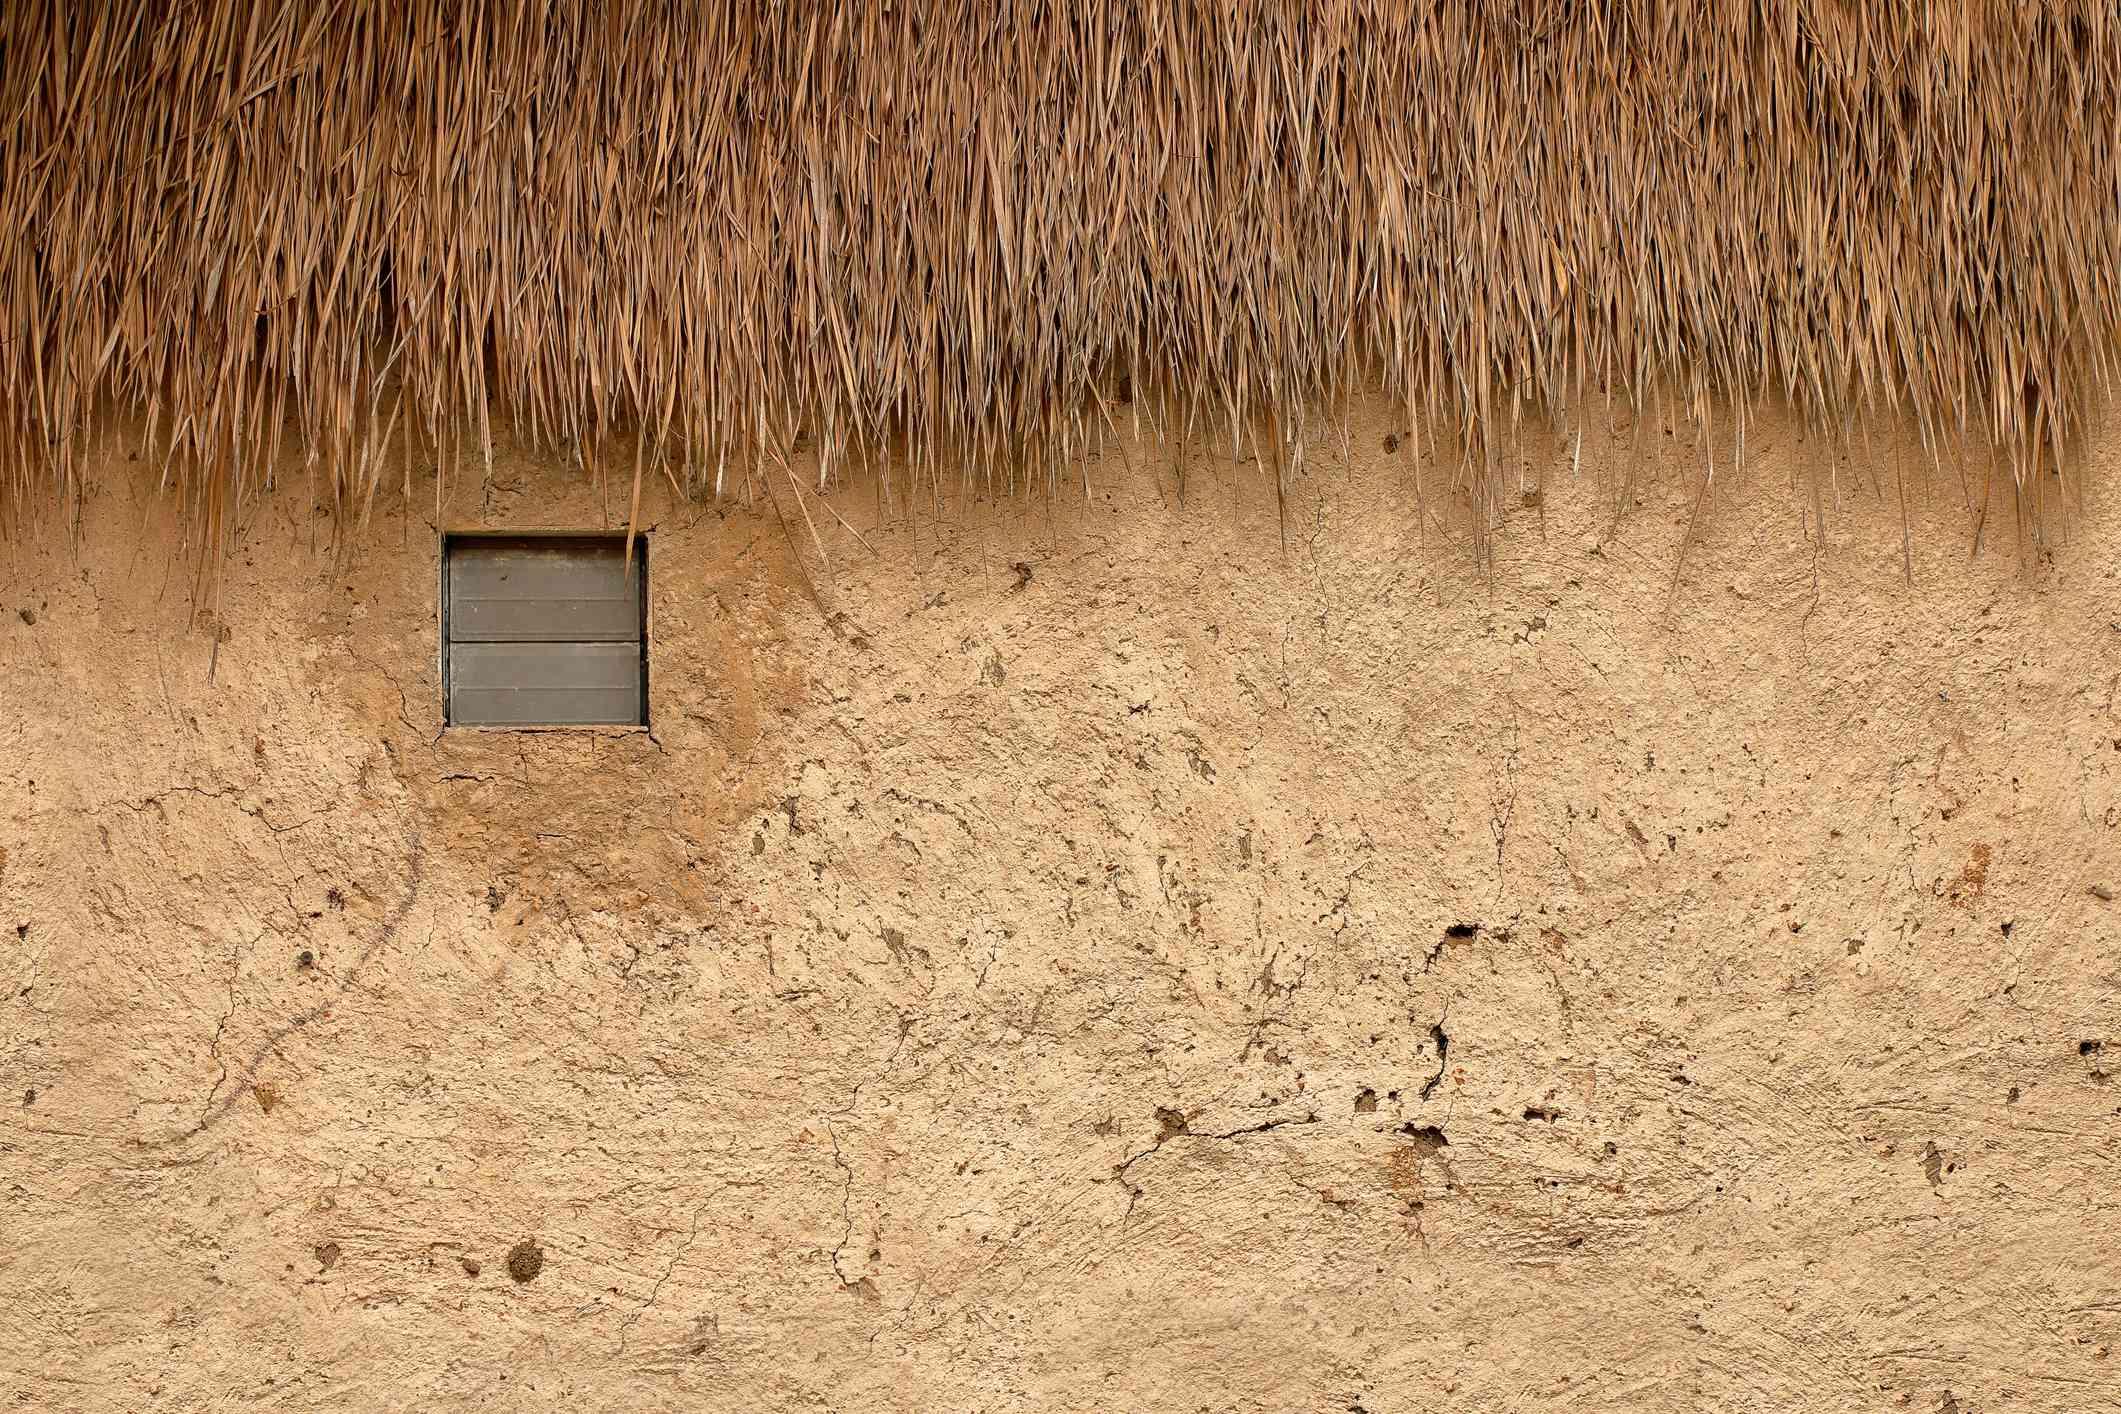 A cob wall up close.